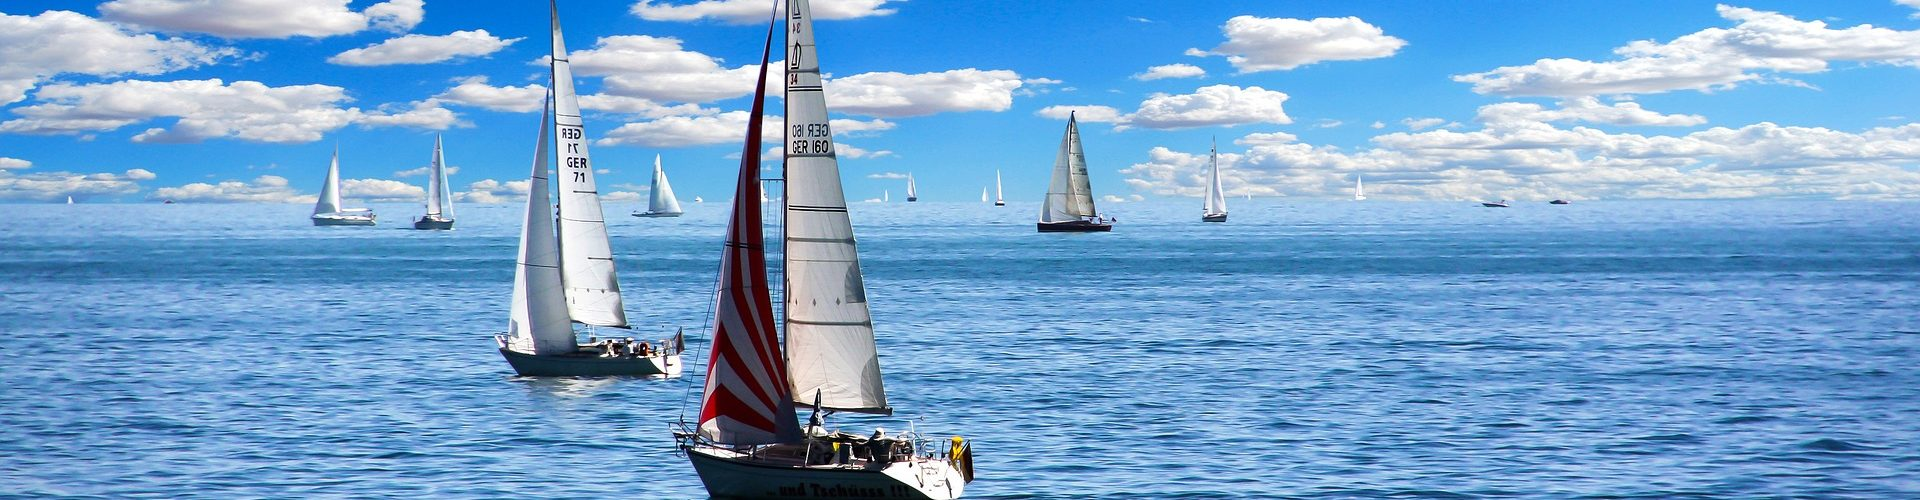 segeln lernen in Aichach segelschein machen in Aichach 1920x500 - Segeln lernen in Aichach